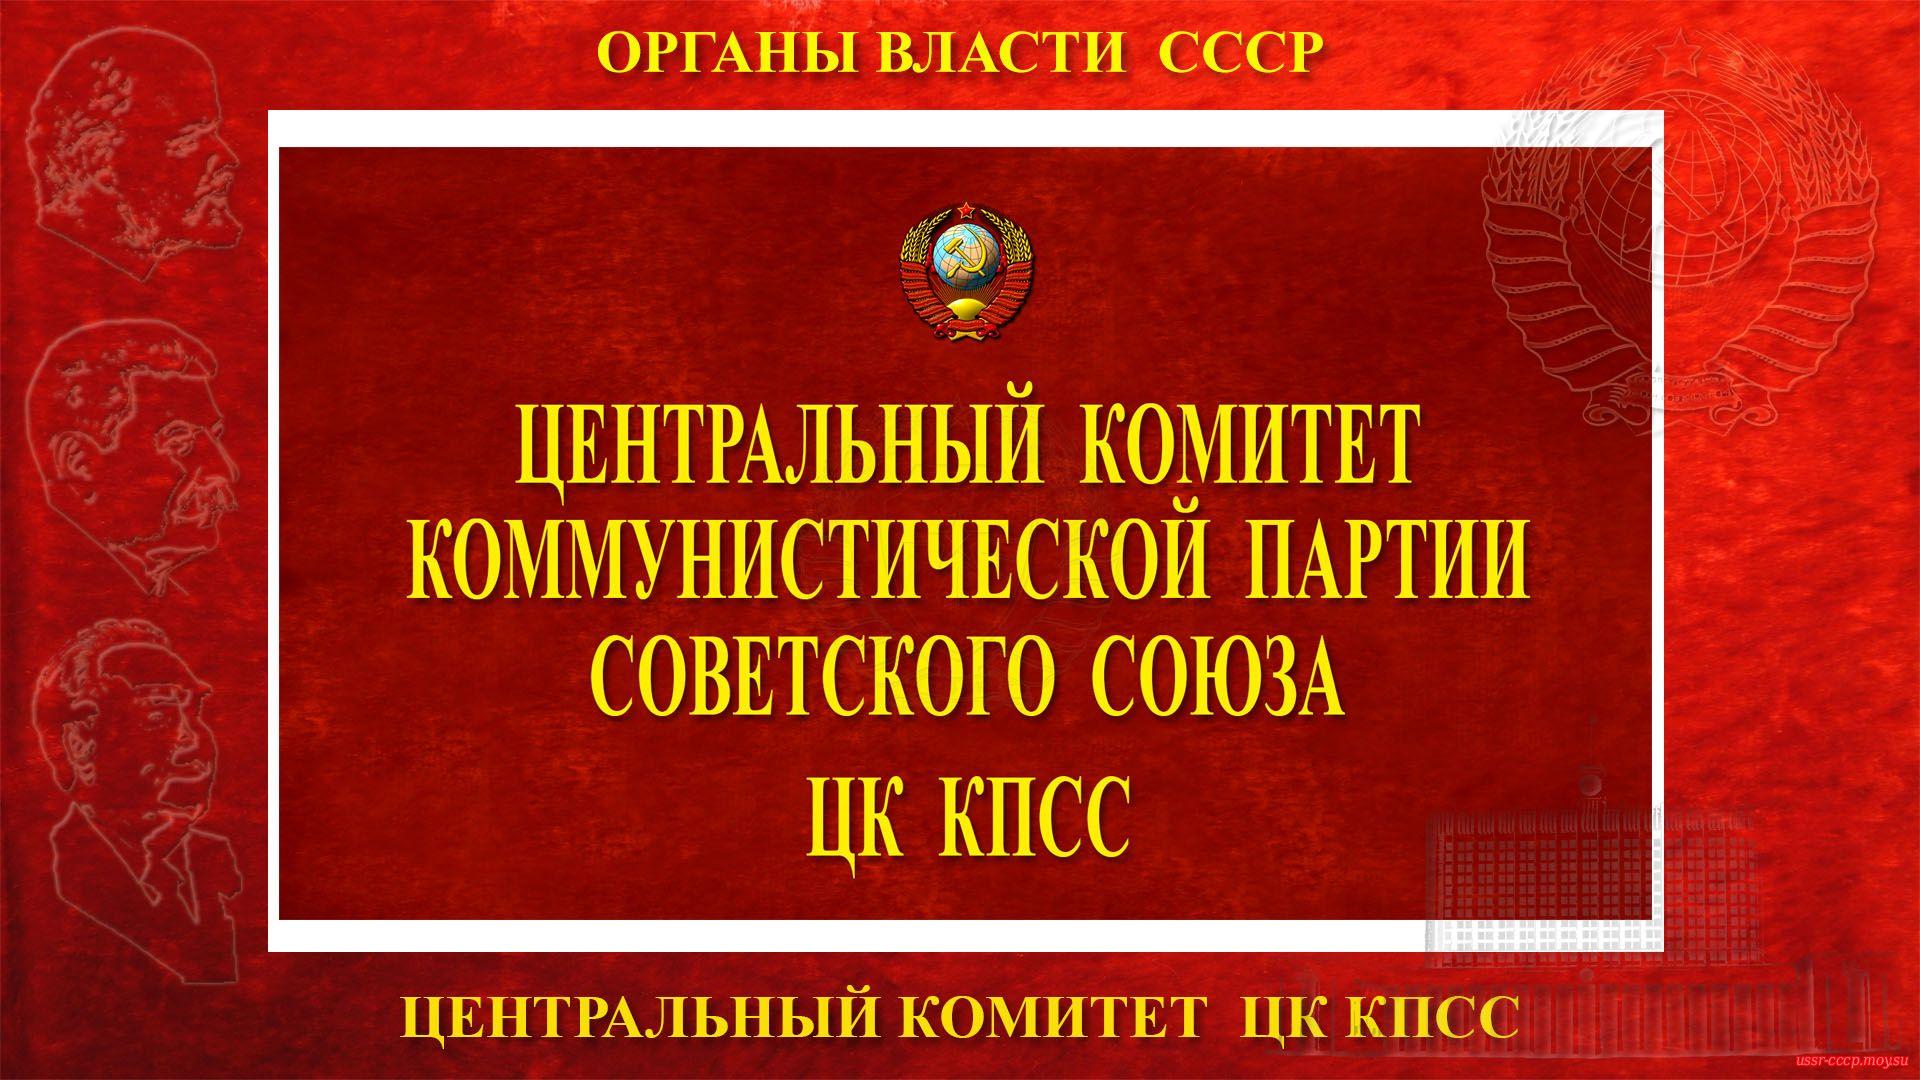 ЦК КПСС